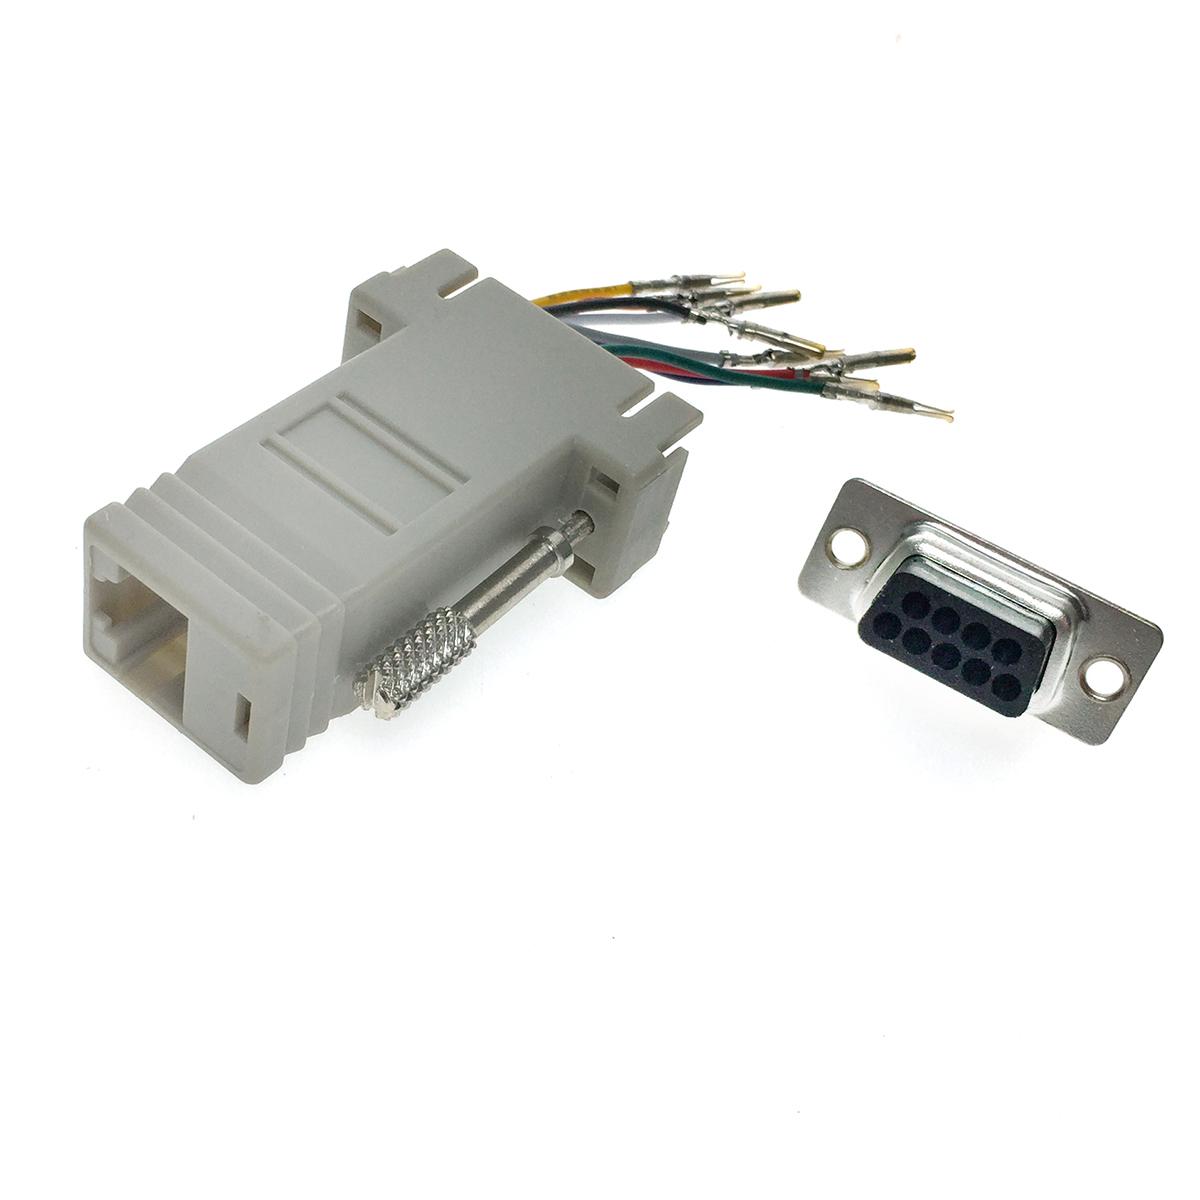 Переходник последовательного порта RS-232/COM/ to RJ45 Espada ECOMDB9F-RJ45 с произвольной коммутацией проводов